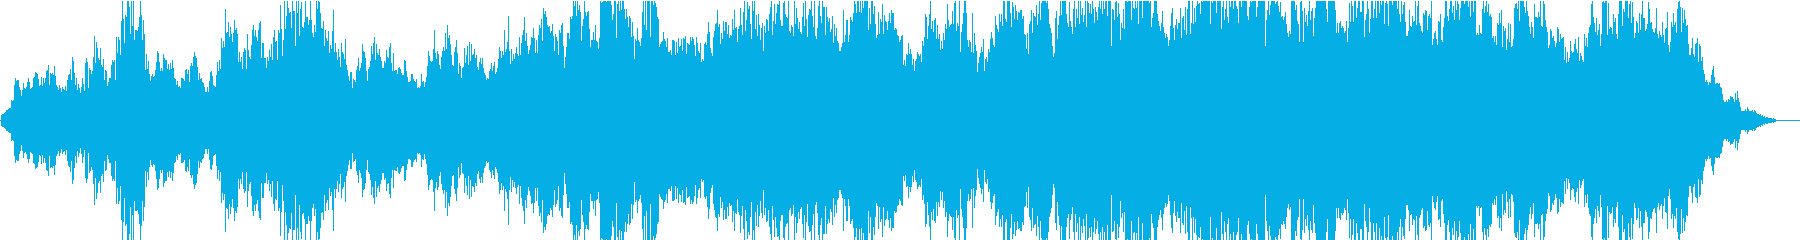 広大な大地を演出するオーケストラの再生済みの波形